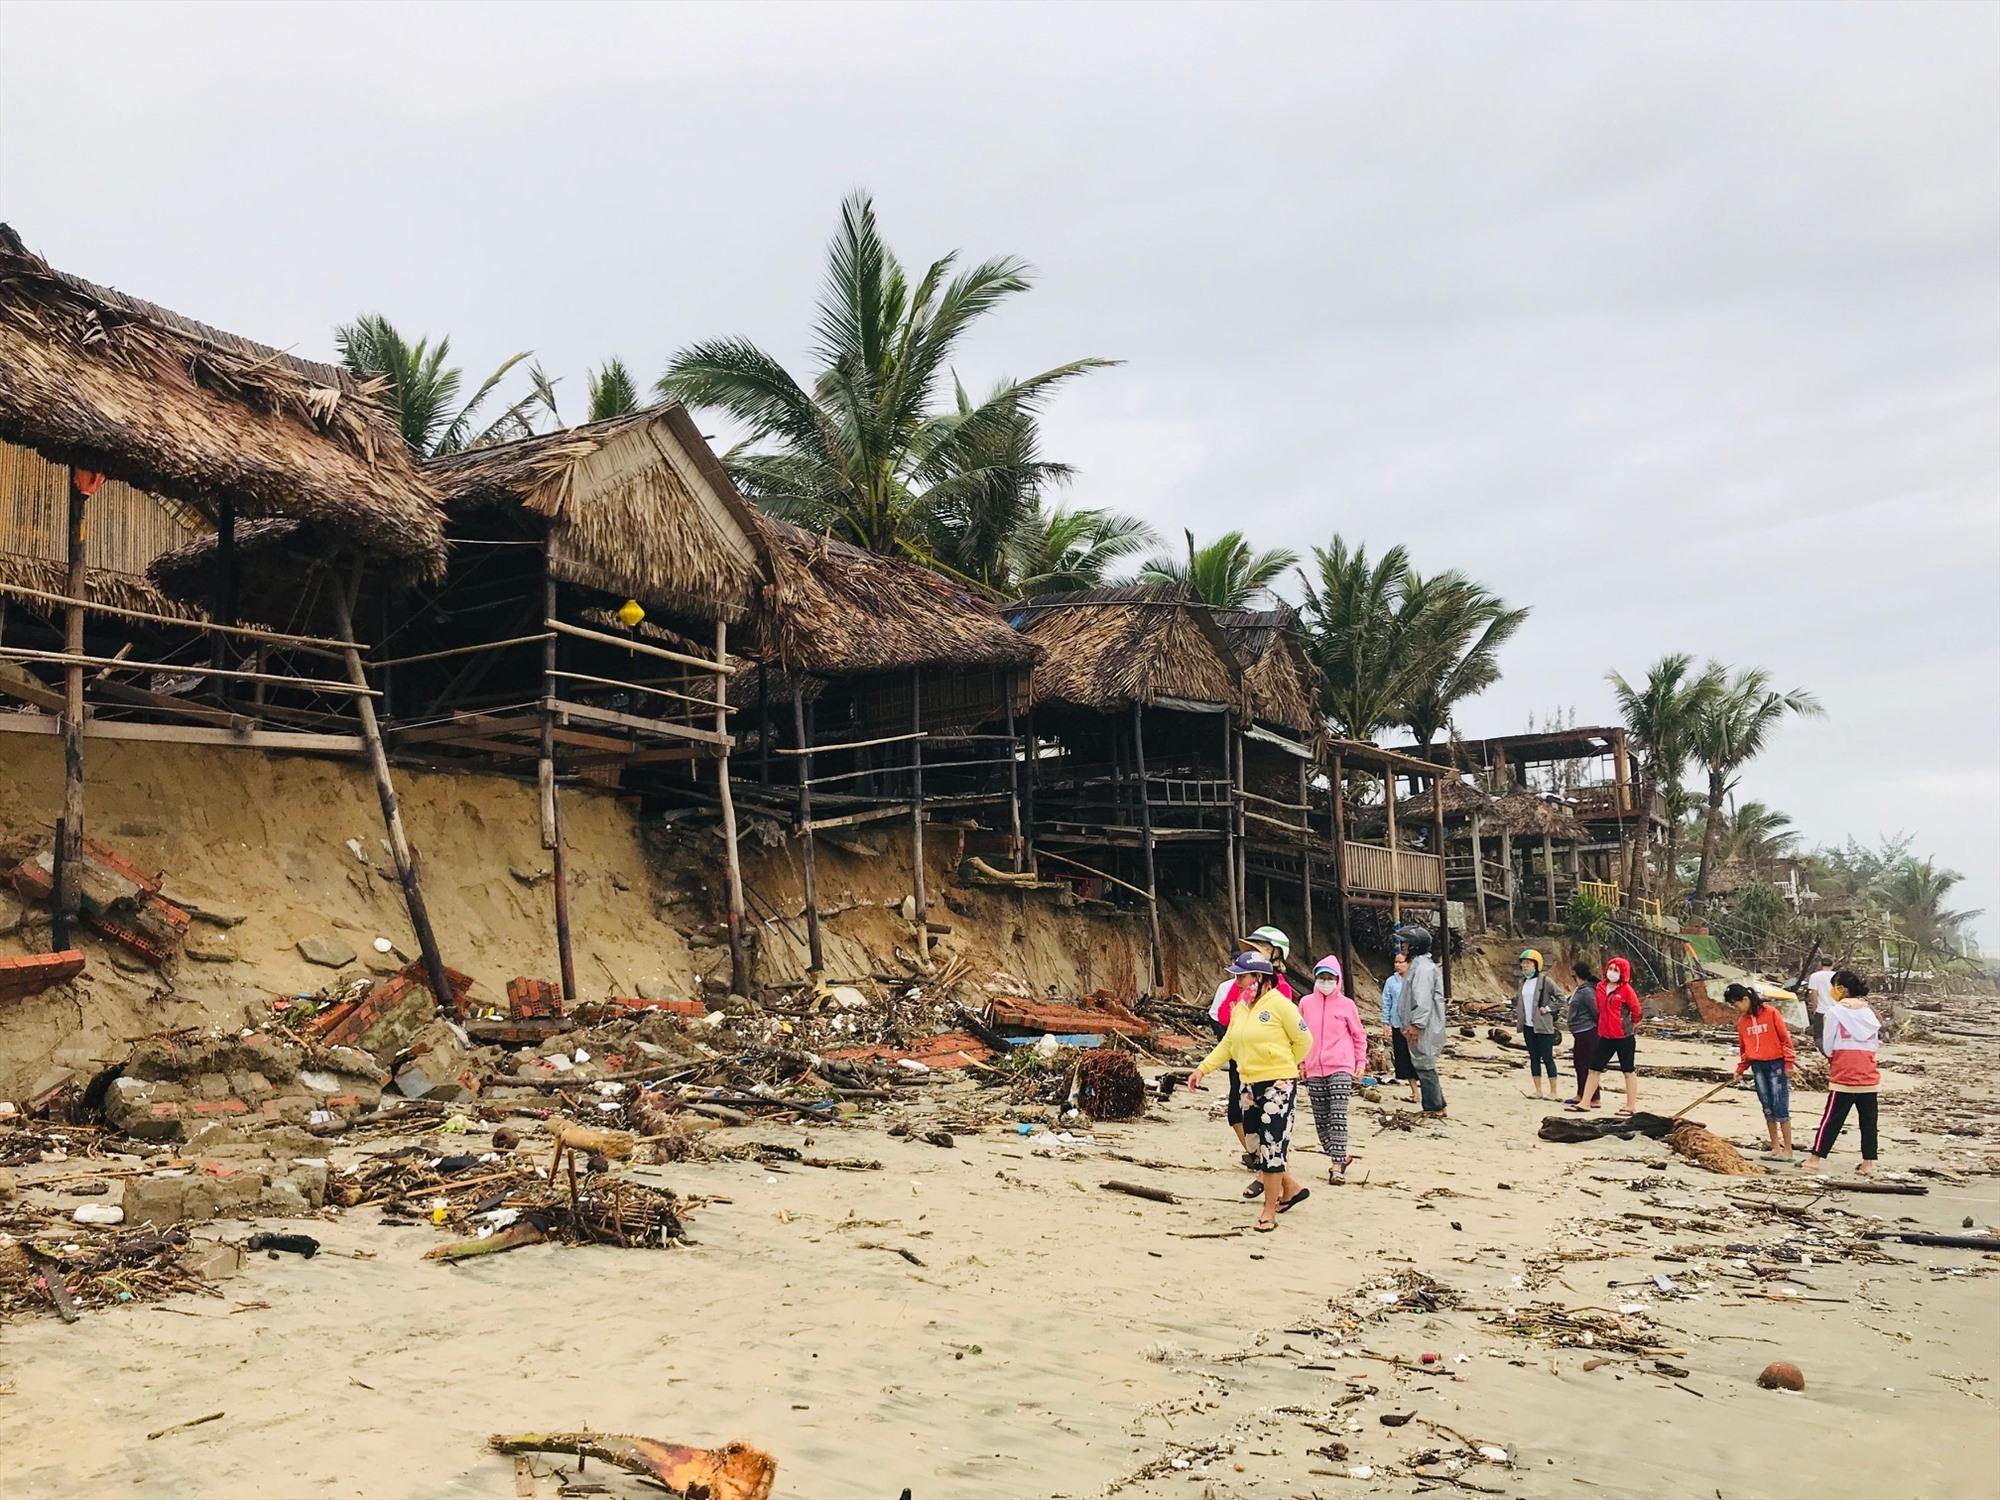 Dãy nhà hàng ven biển An Bàng tả tơi sau bão số 13. Ảnh: Q.T